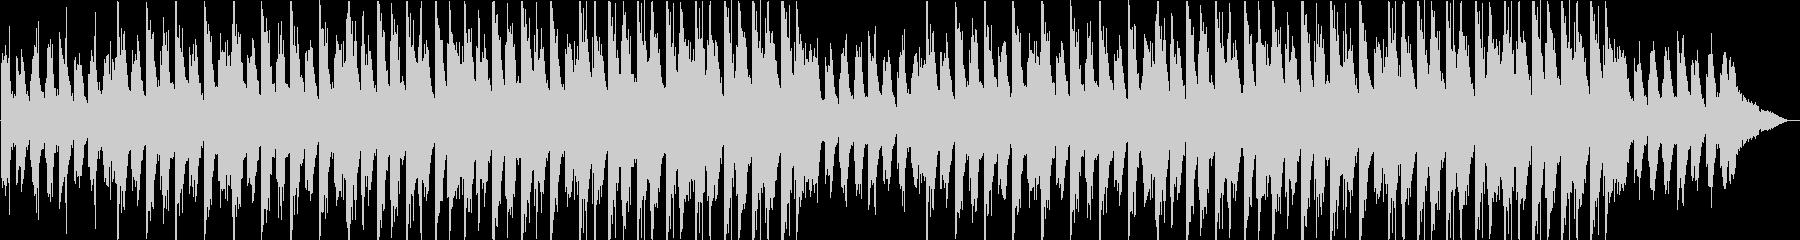 和風テイストの爽やかピアノ・チル・ポップの未再生の波形